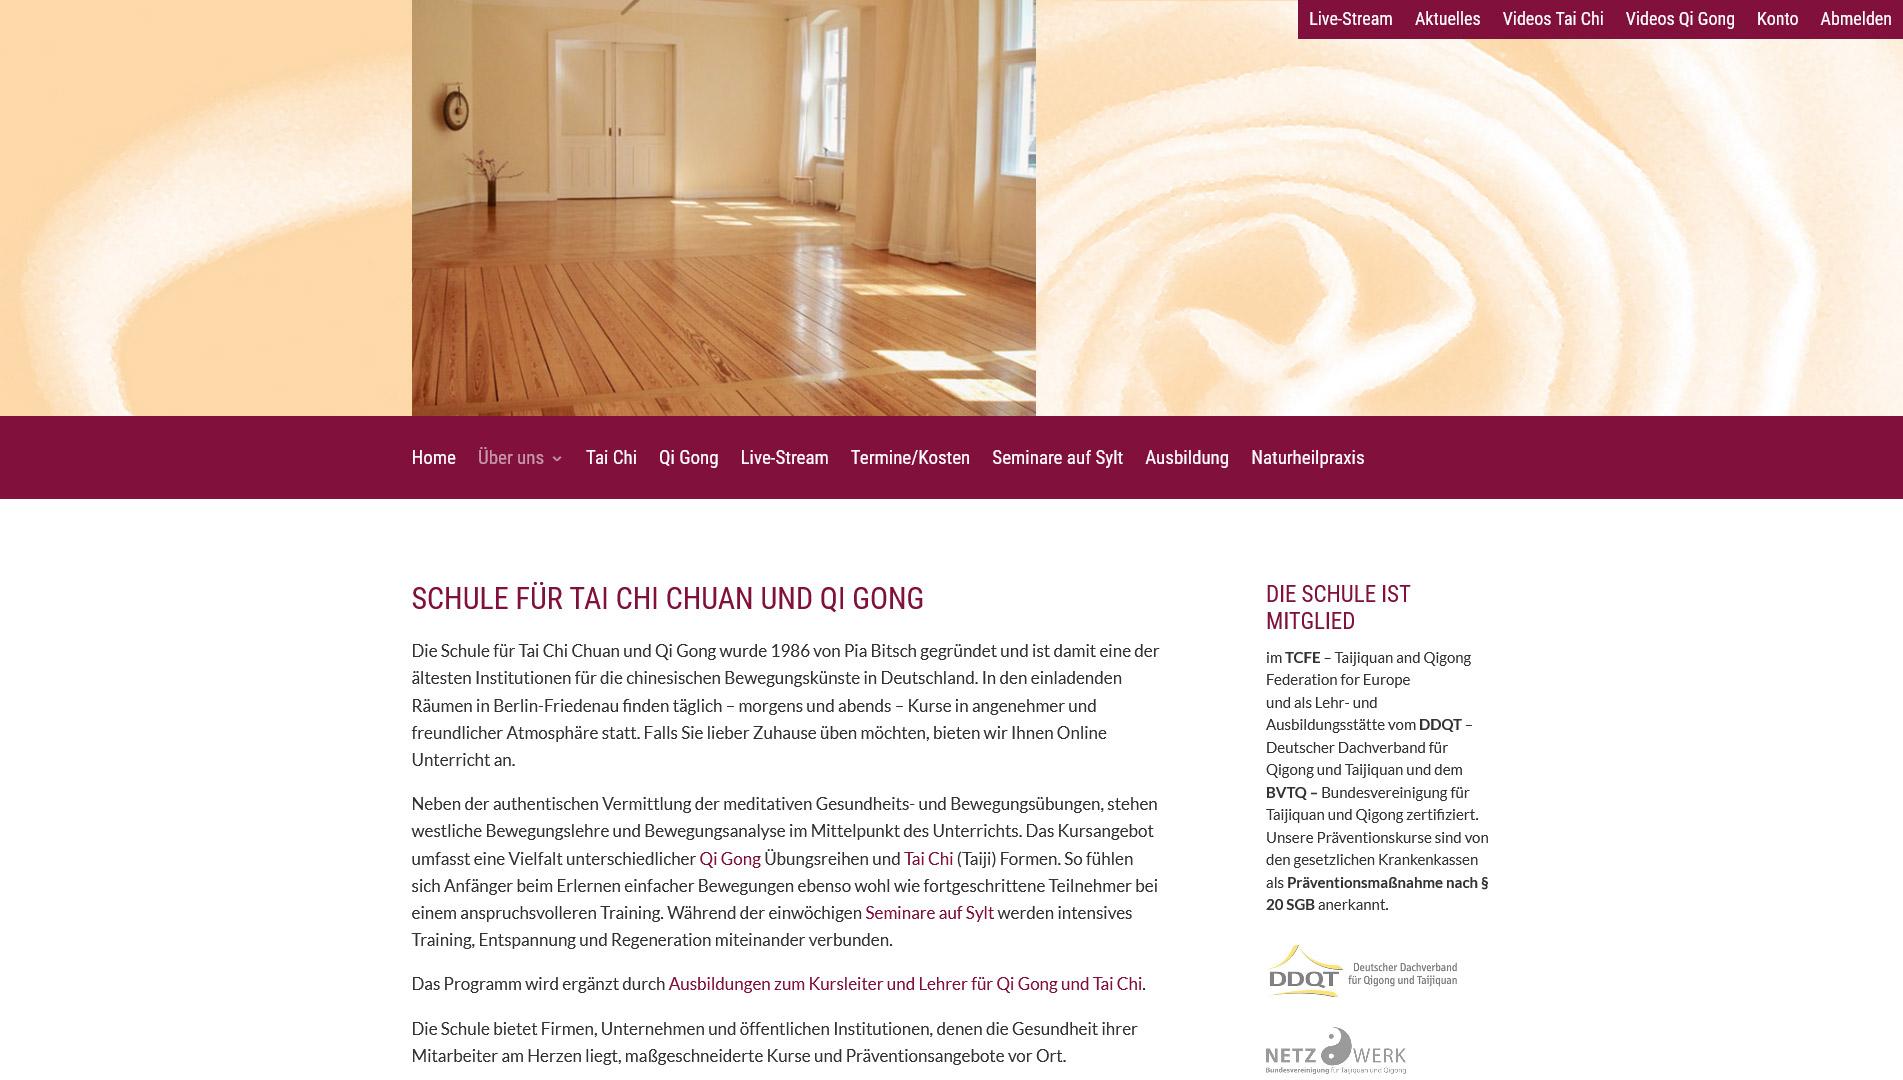 Screenshot Schule für Tai Chi und Qi Gong